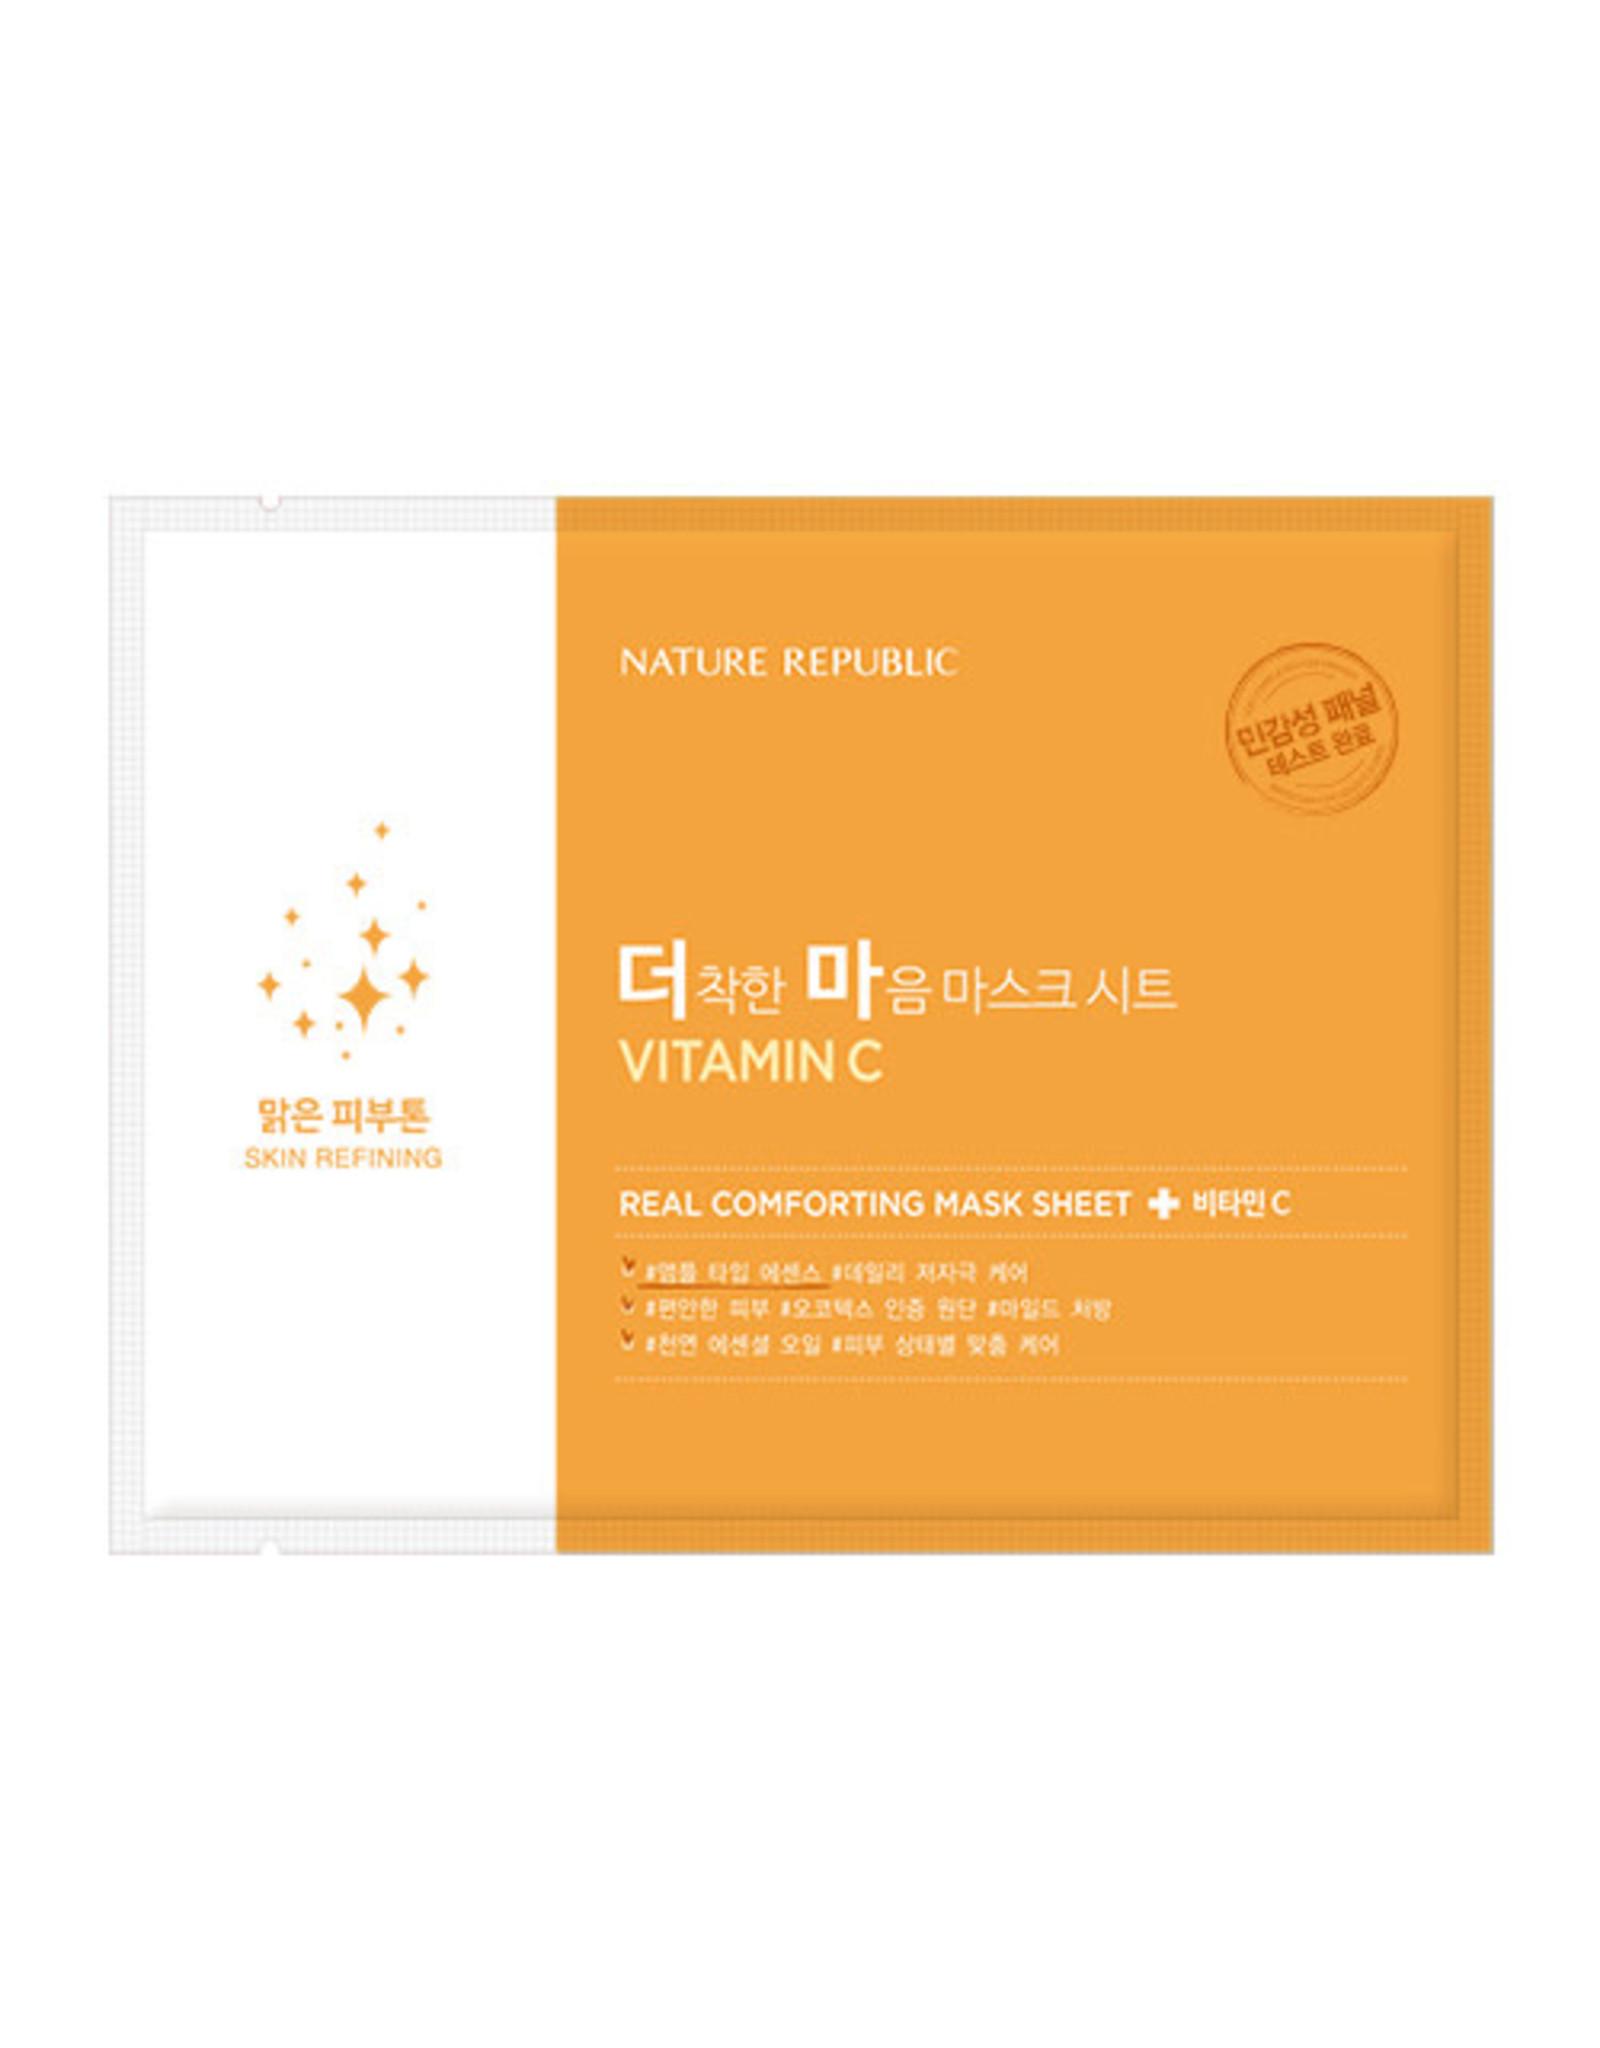 Real Comforting Mask Sheet Vitamin C (Orig $1.90)